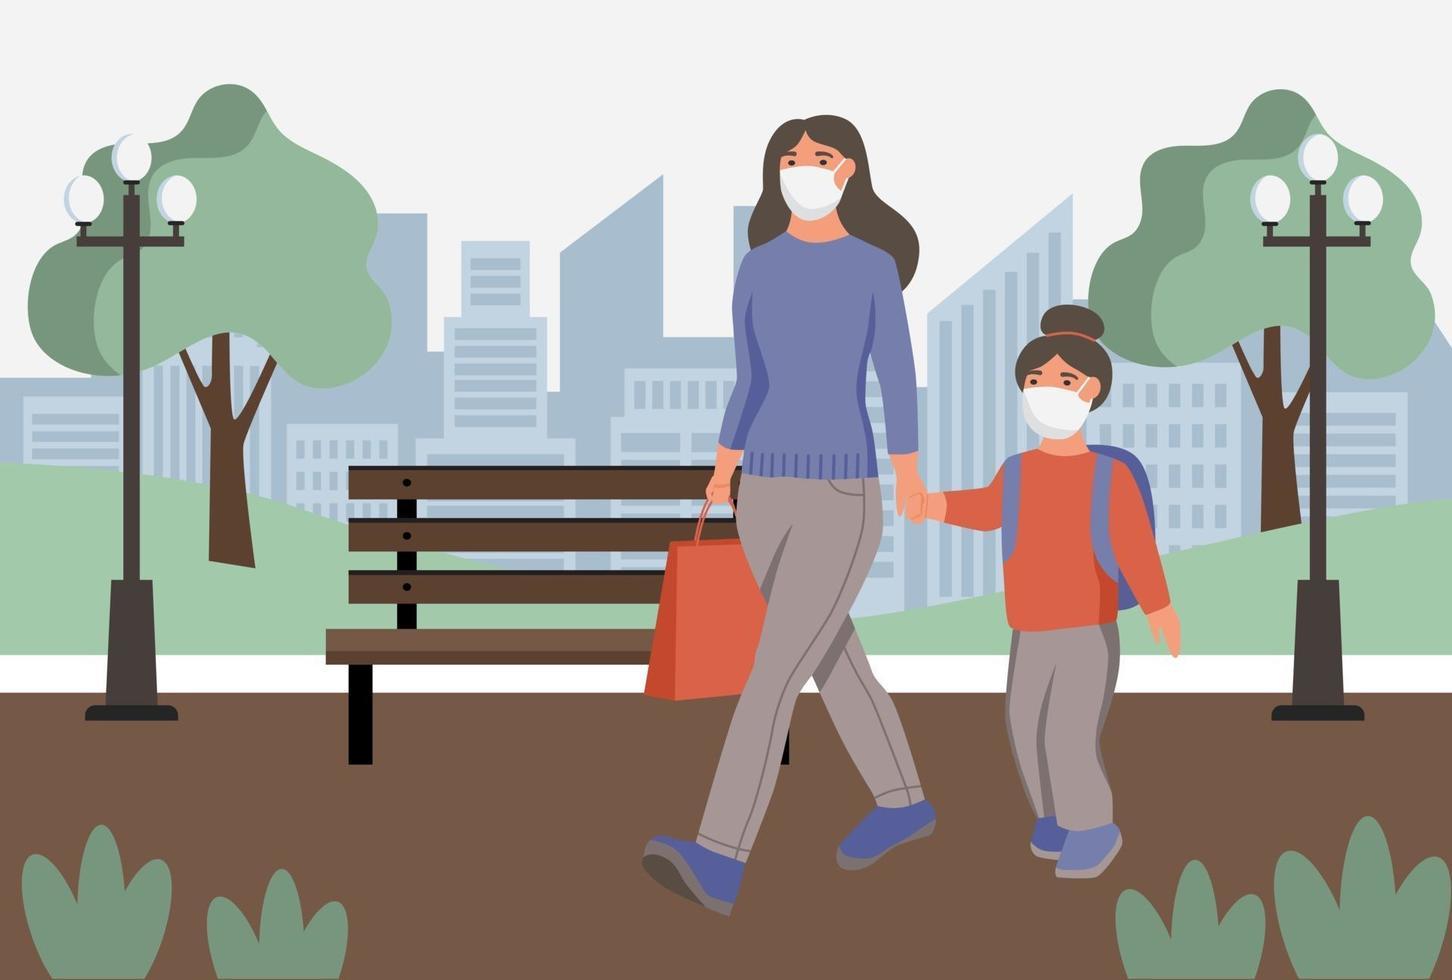 femme avec enfant en masque anti-poussière pour le visage wolk dans le parc. protection contre la pollution atmosphérique urbaine, le smog, la vapeur. quarantaine de coronavirus, concept de virus respiratoire. illustration vectorielle de dessin animé plat. vecteur